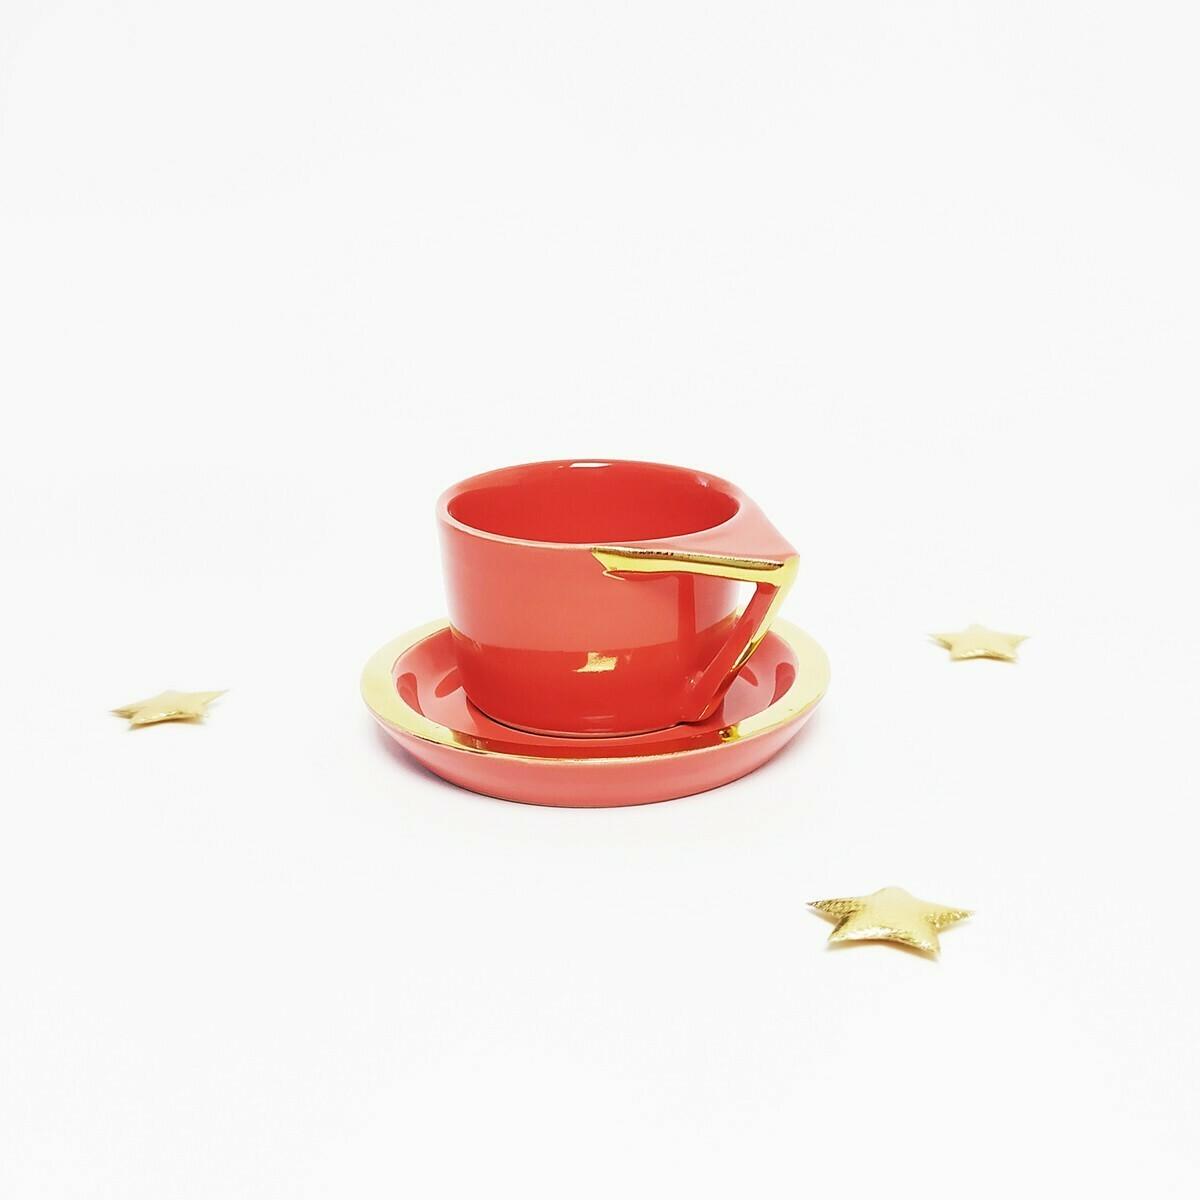 Filiżanka espresso, czerwona, złocona